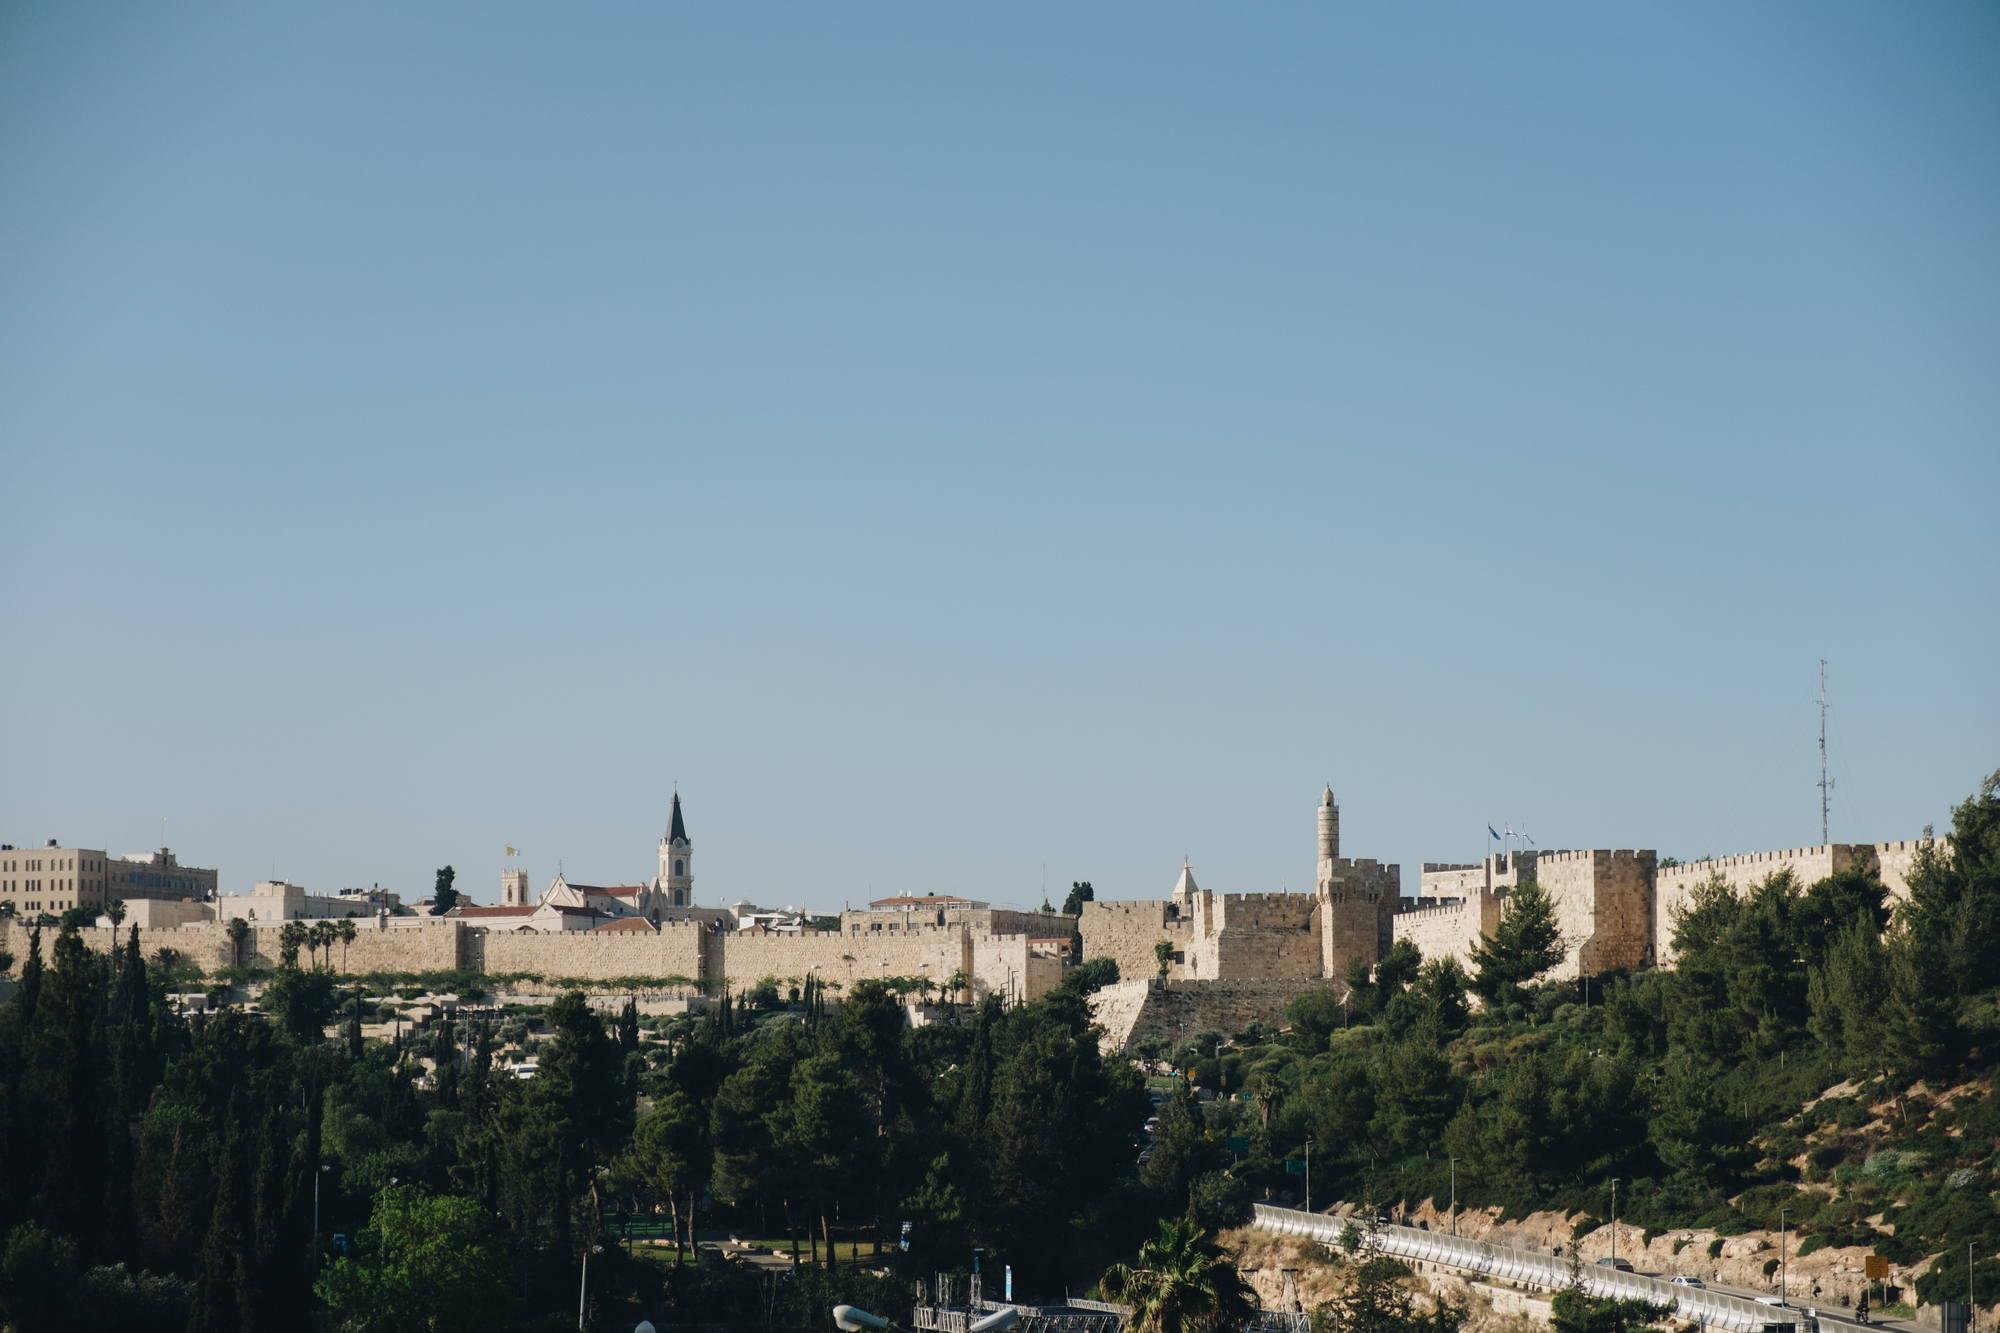 вид на старый город Иеруслаим - фотограф Антон Миславский